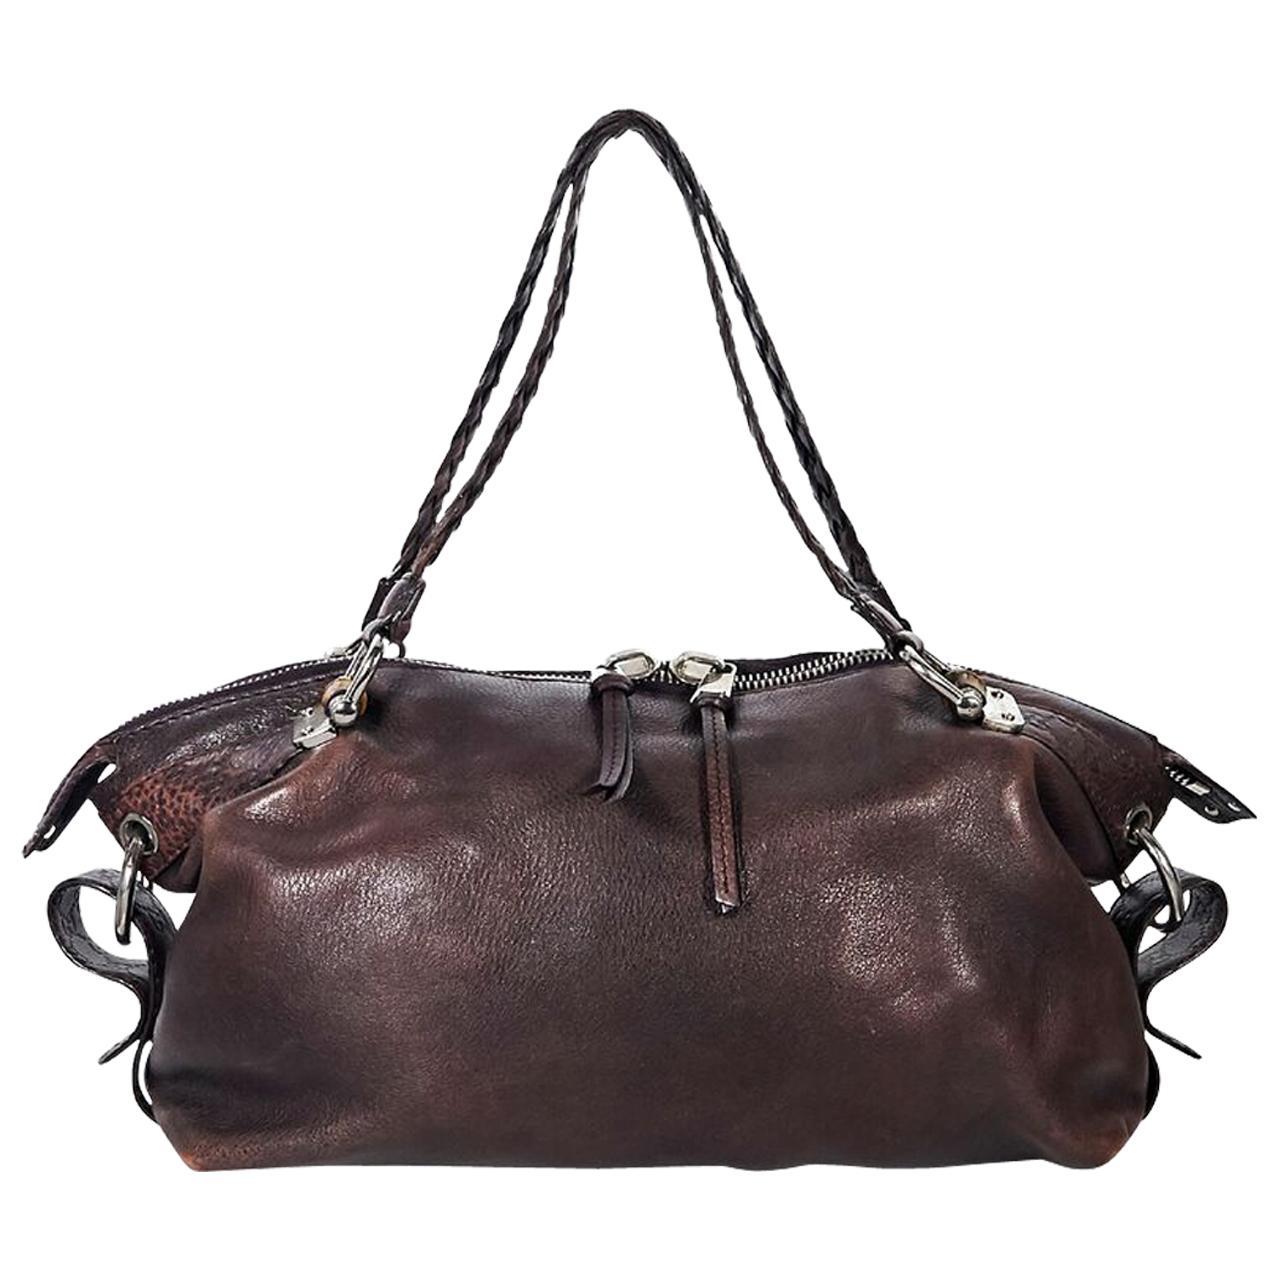 ed90573c0bb93 Burgundy gucci burnished leather shoulder bag for sale at stdibs jpg  1500x1500 Burgundy gucci handbag